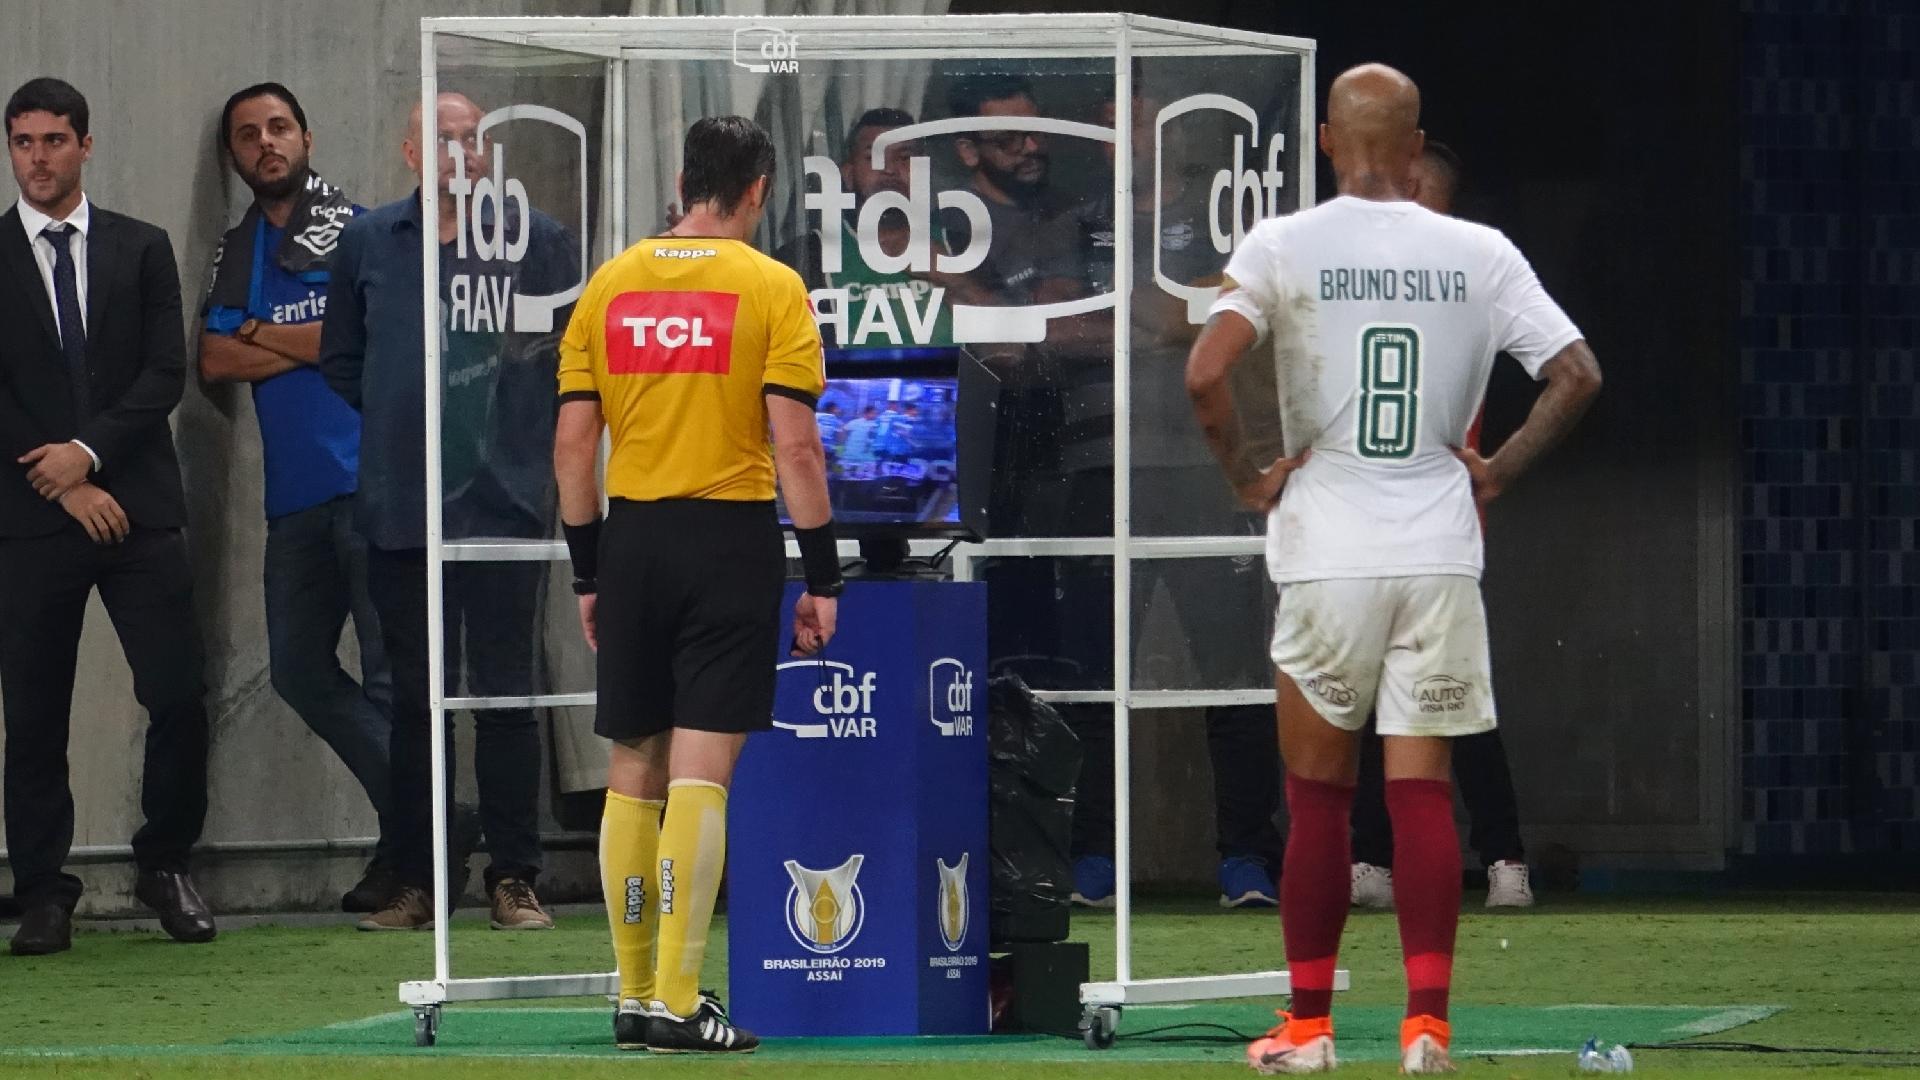 Raphael Claus consulta o VAR durante a partida entre Grêmio e Fluminense